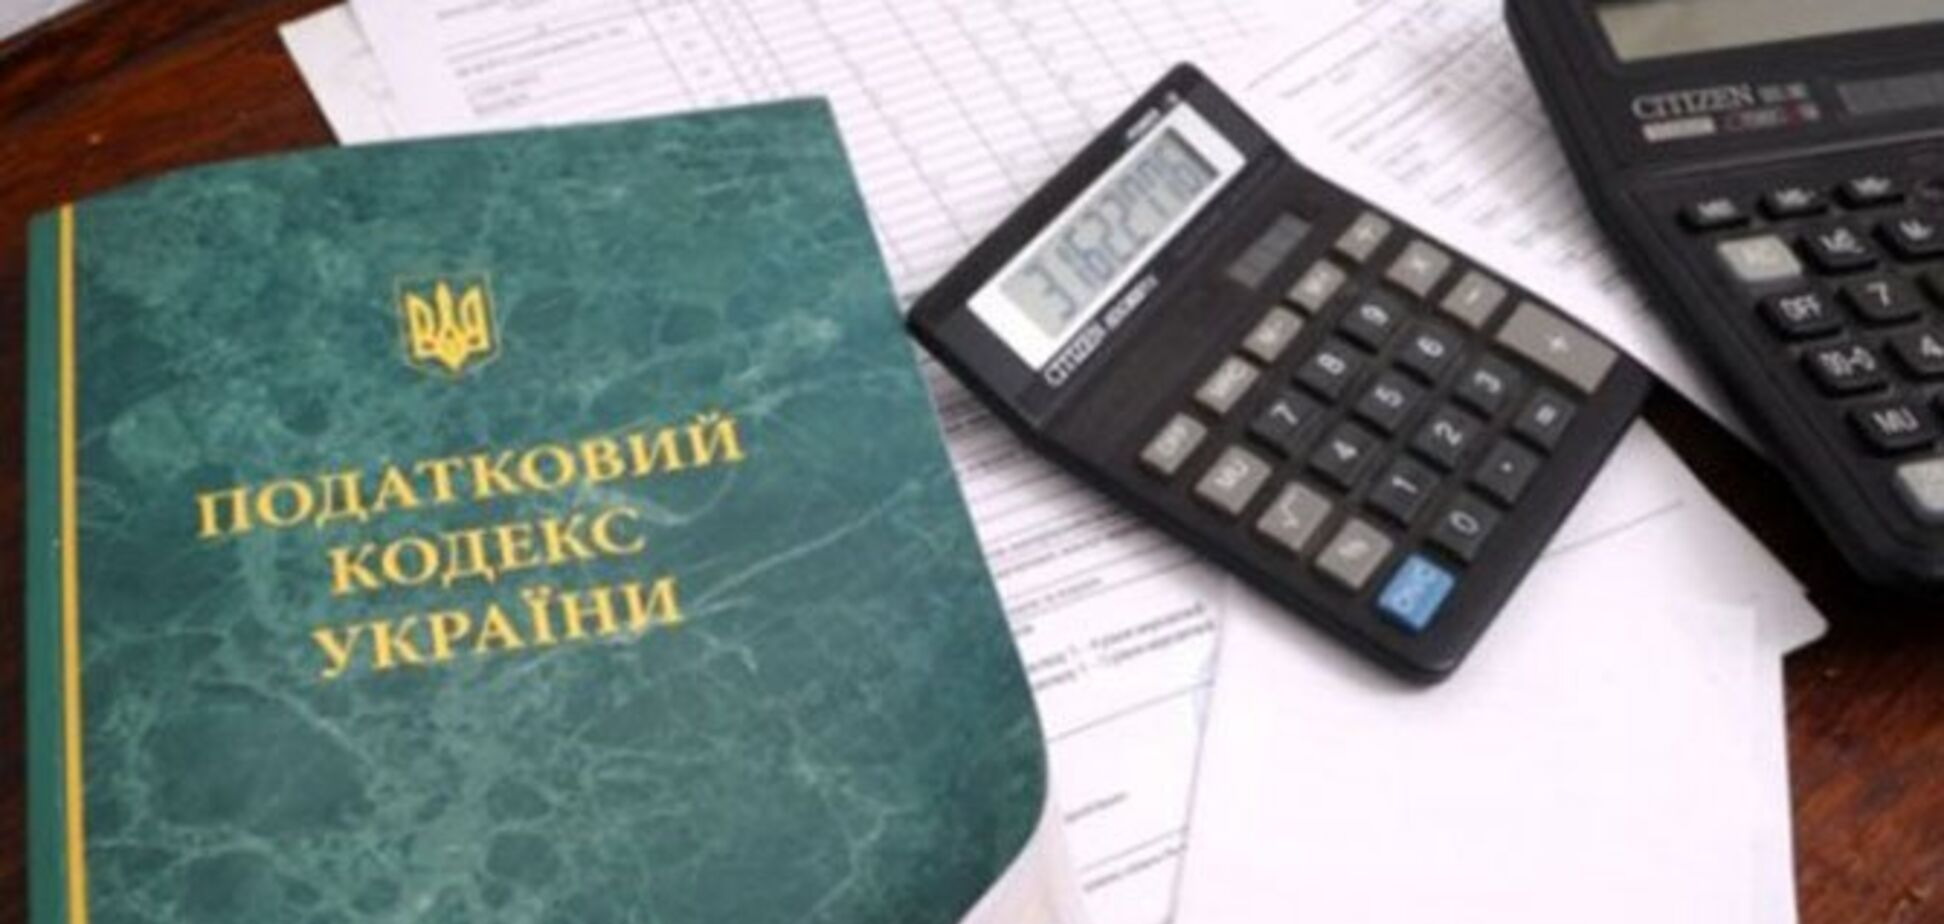 Новый Налоговый кодекс ударит по экономике, курс доллара может взлететь - Каленков